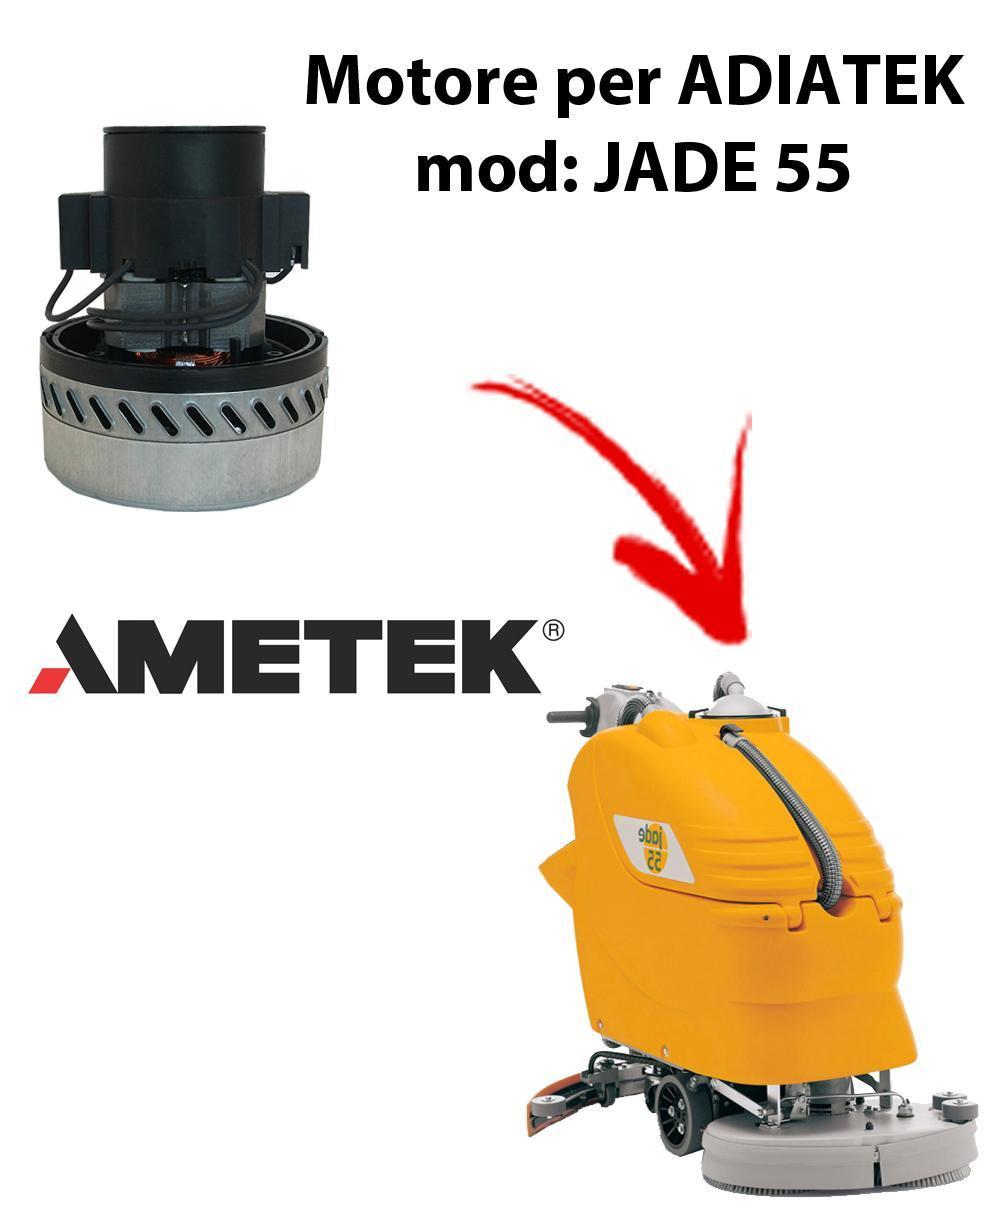 JADE 55 Saugmotor AMETEK ITALIA für scheuersaugmaschinen Adiatek